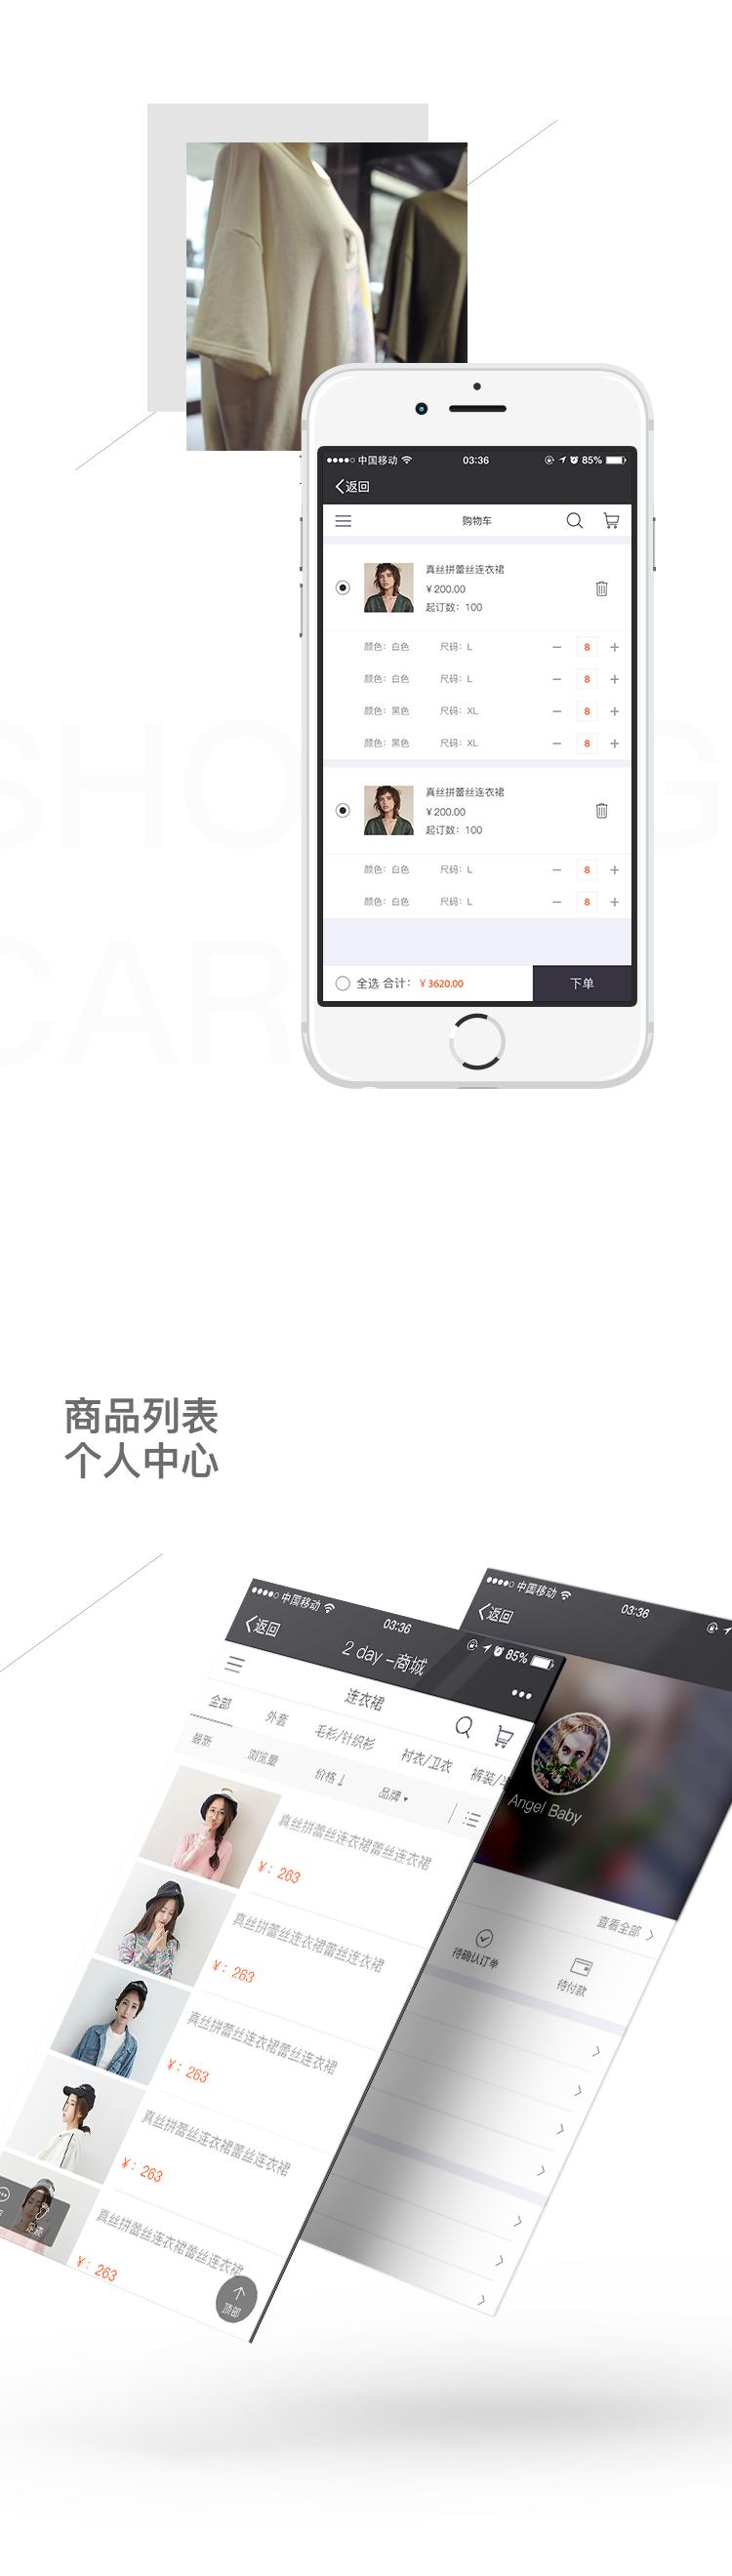 商城手機app應用